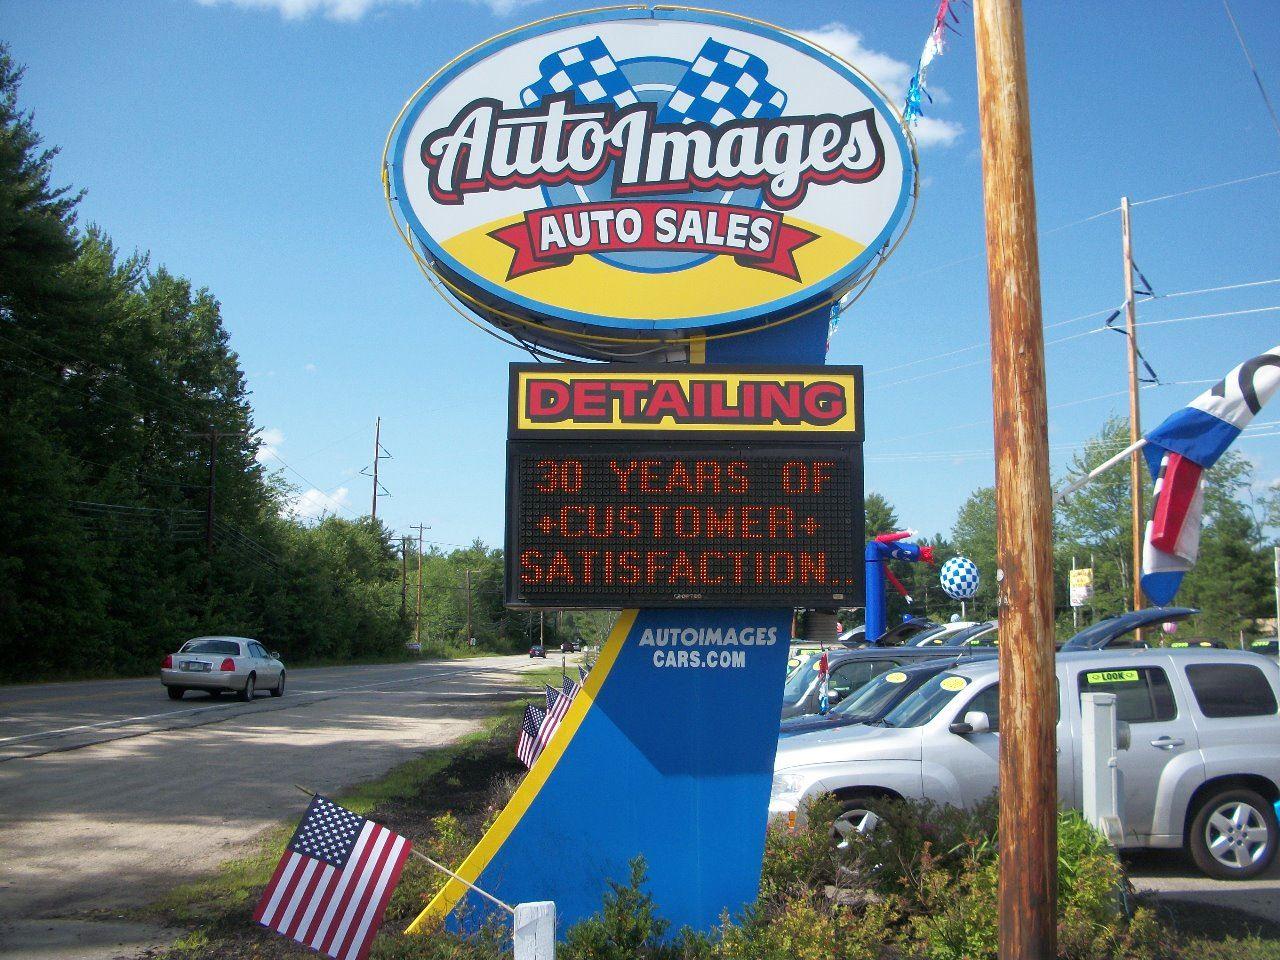 Auto Images Auto Sales LLC